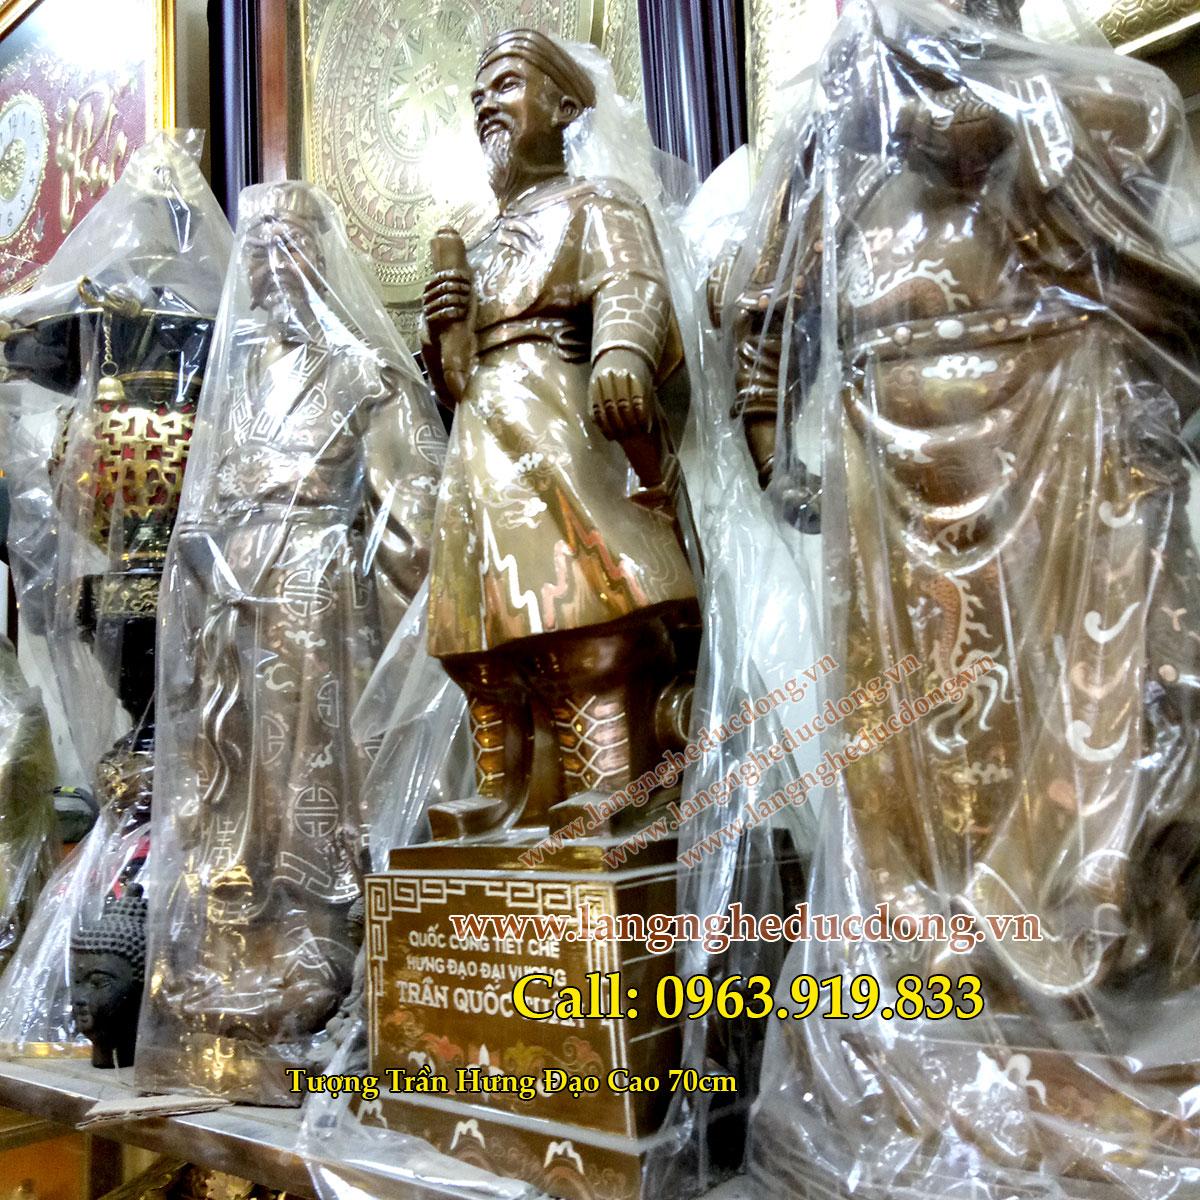 langngheducdong.vn - tượng đồng trần hưng đạo, đức thánh trần khảm bạc, tượng đồng đỏ khảm bạc